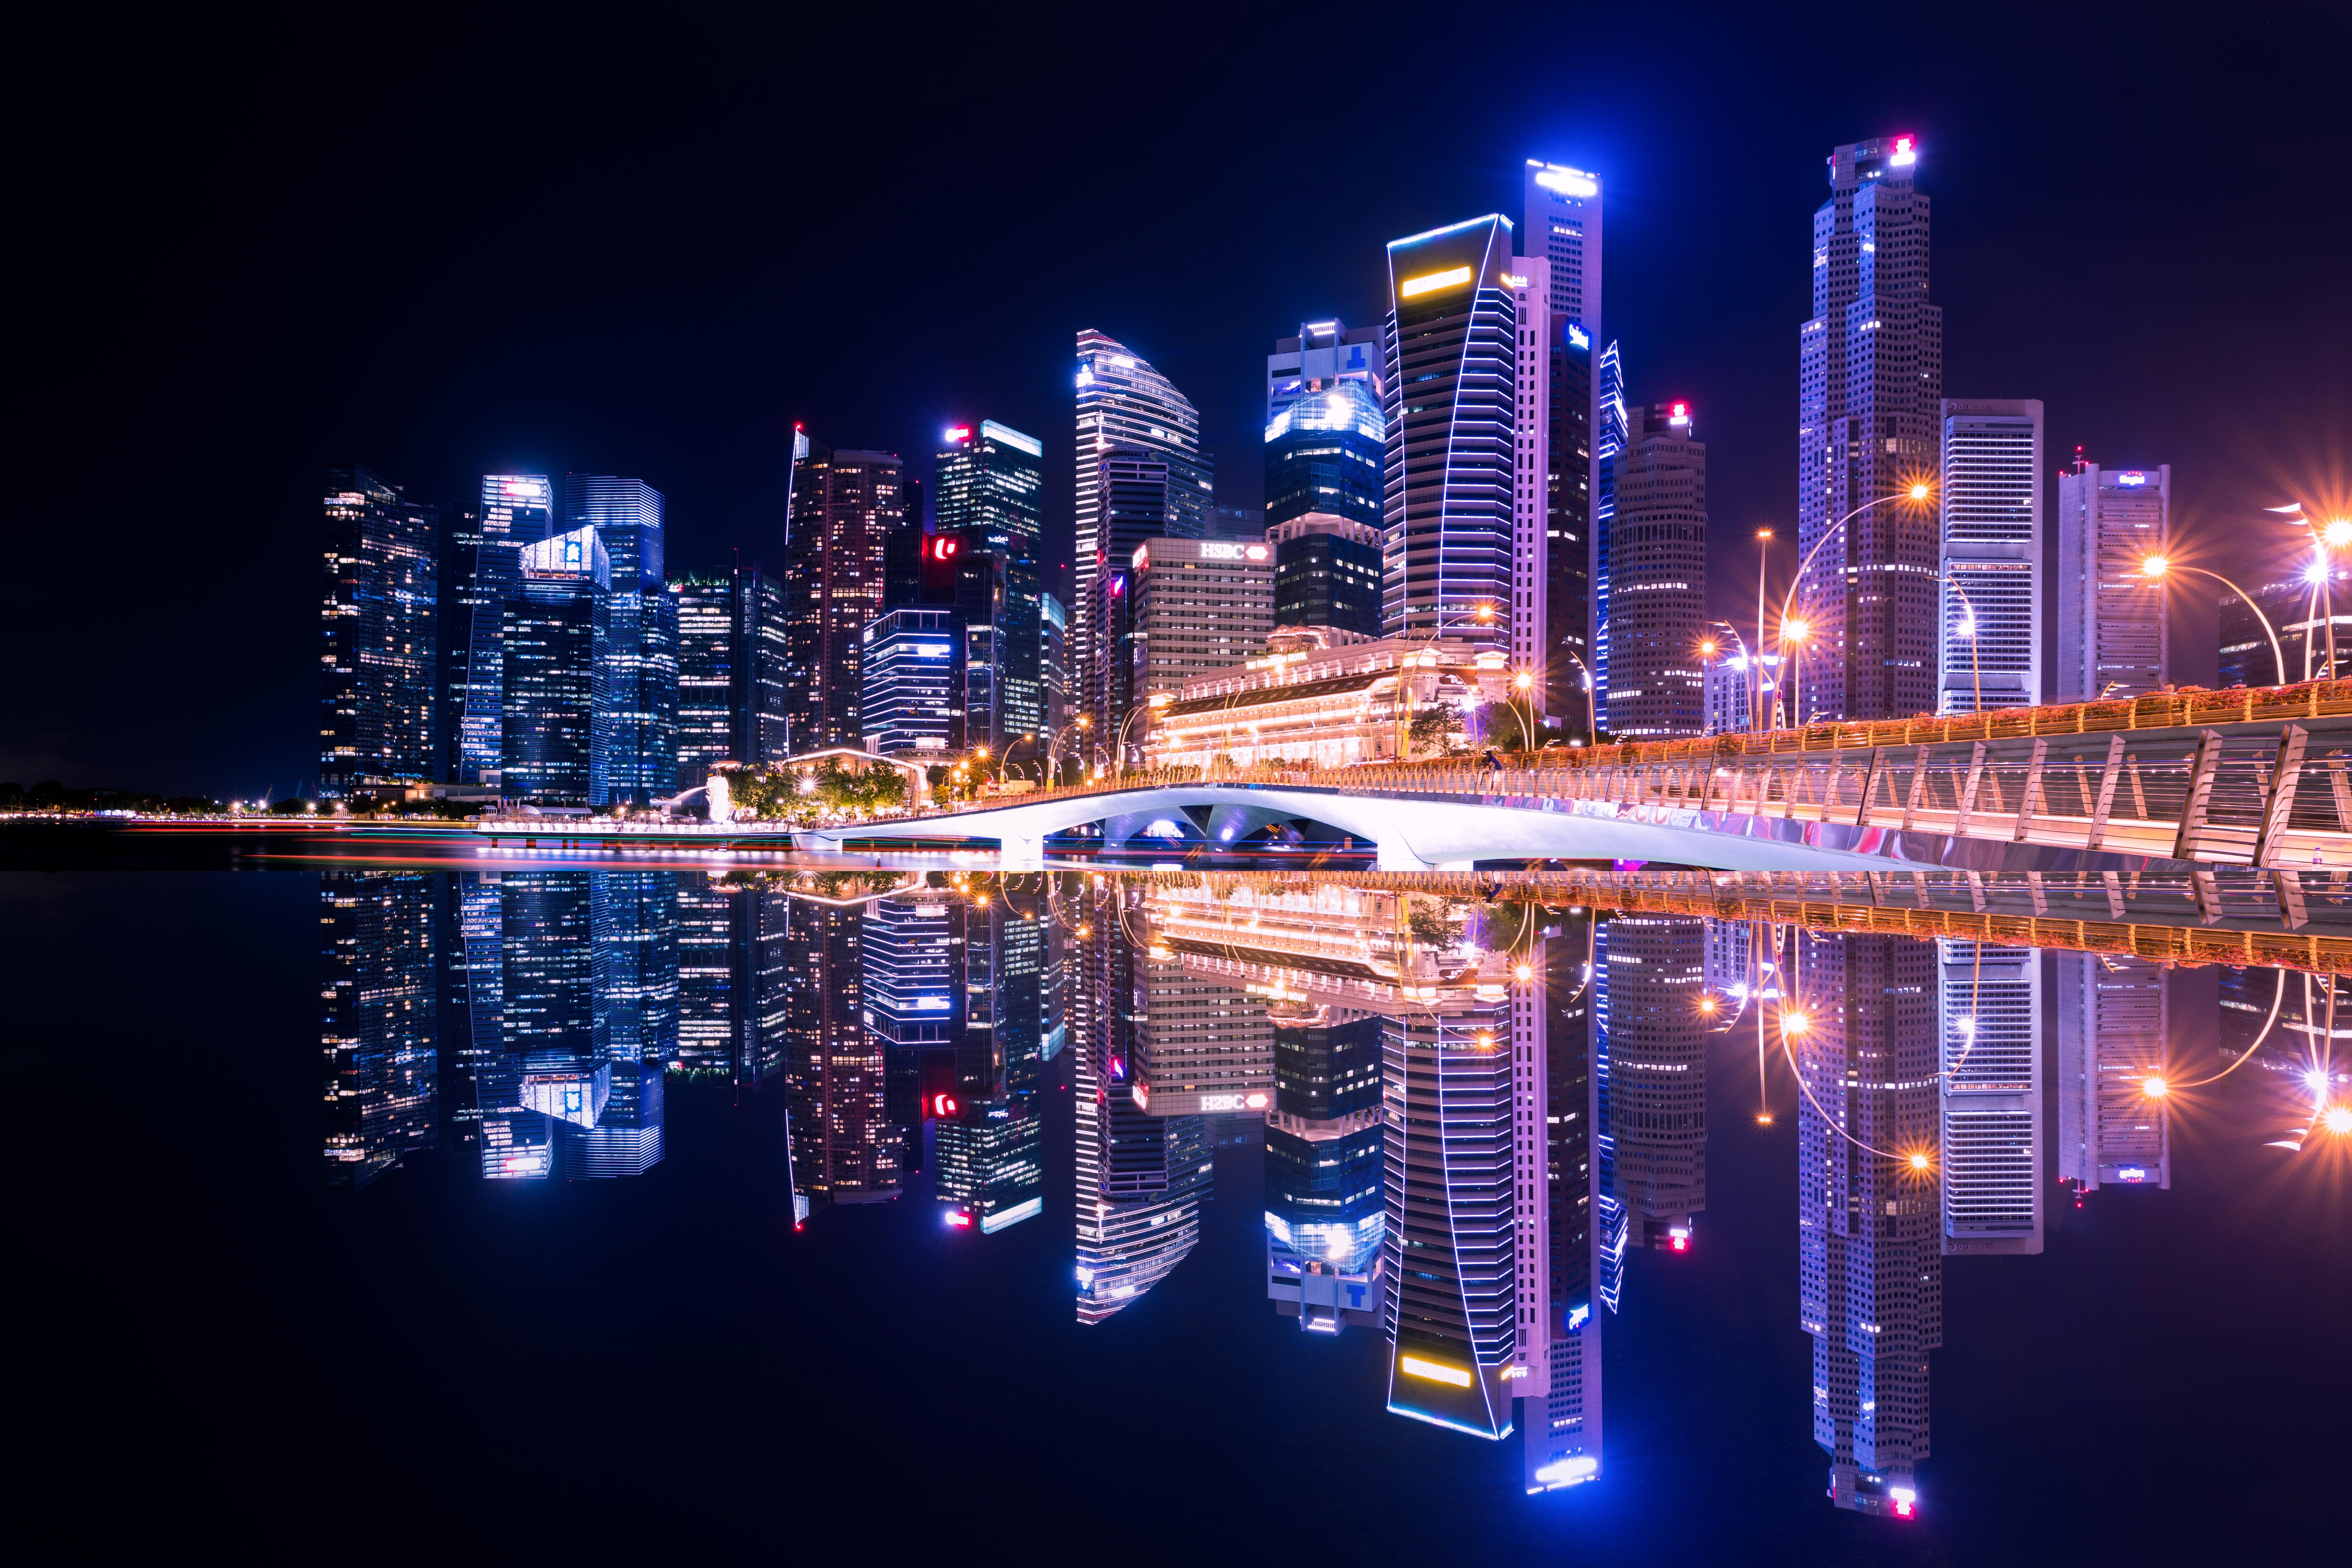 красивые картинки ночной город словам горничной, бронировать